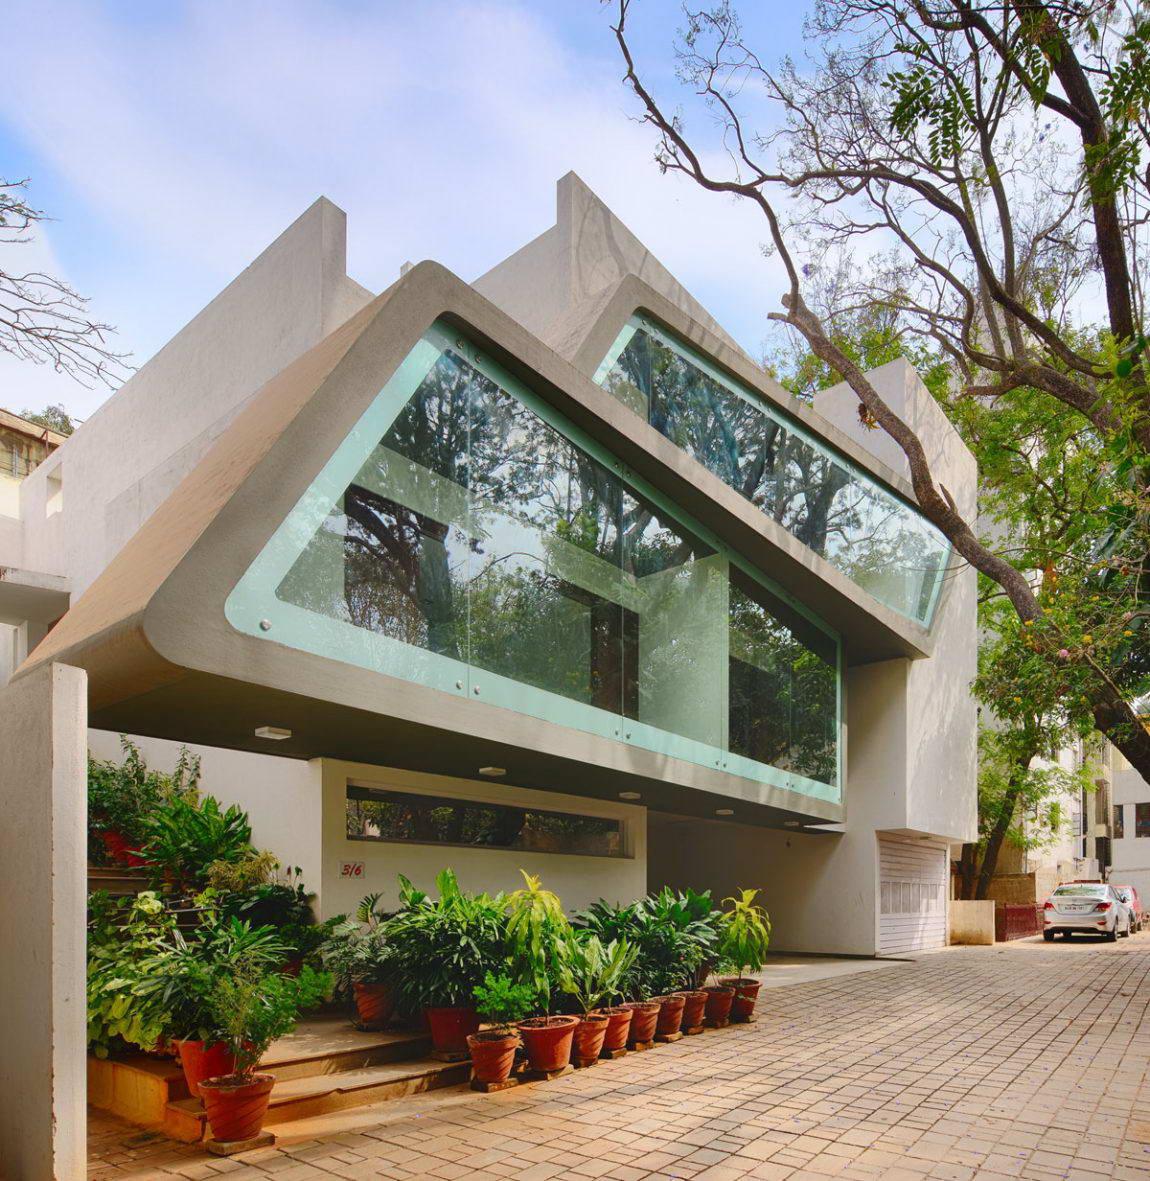 лучшие проекты домов от архитекторов мира фото